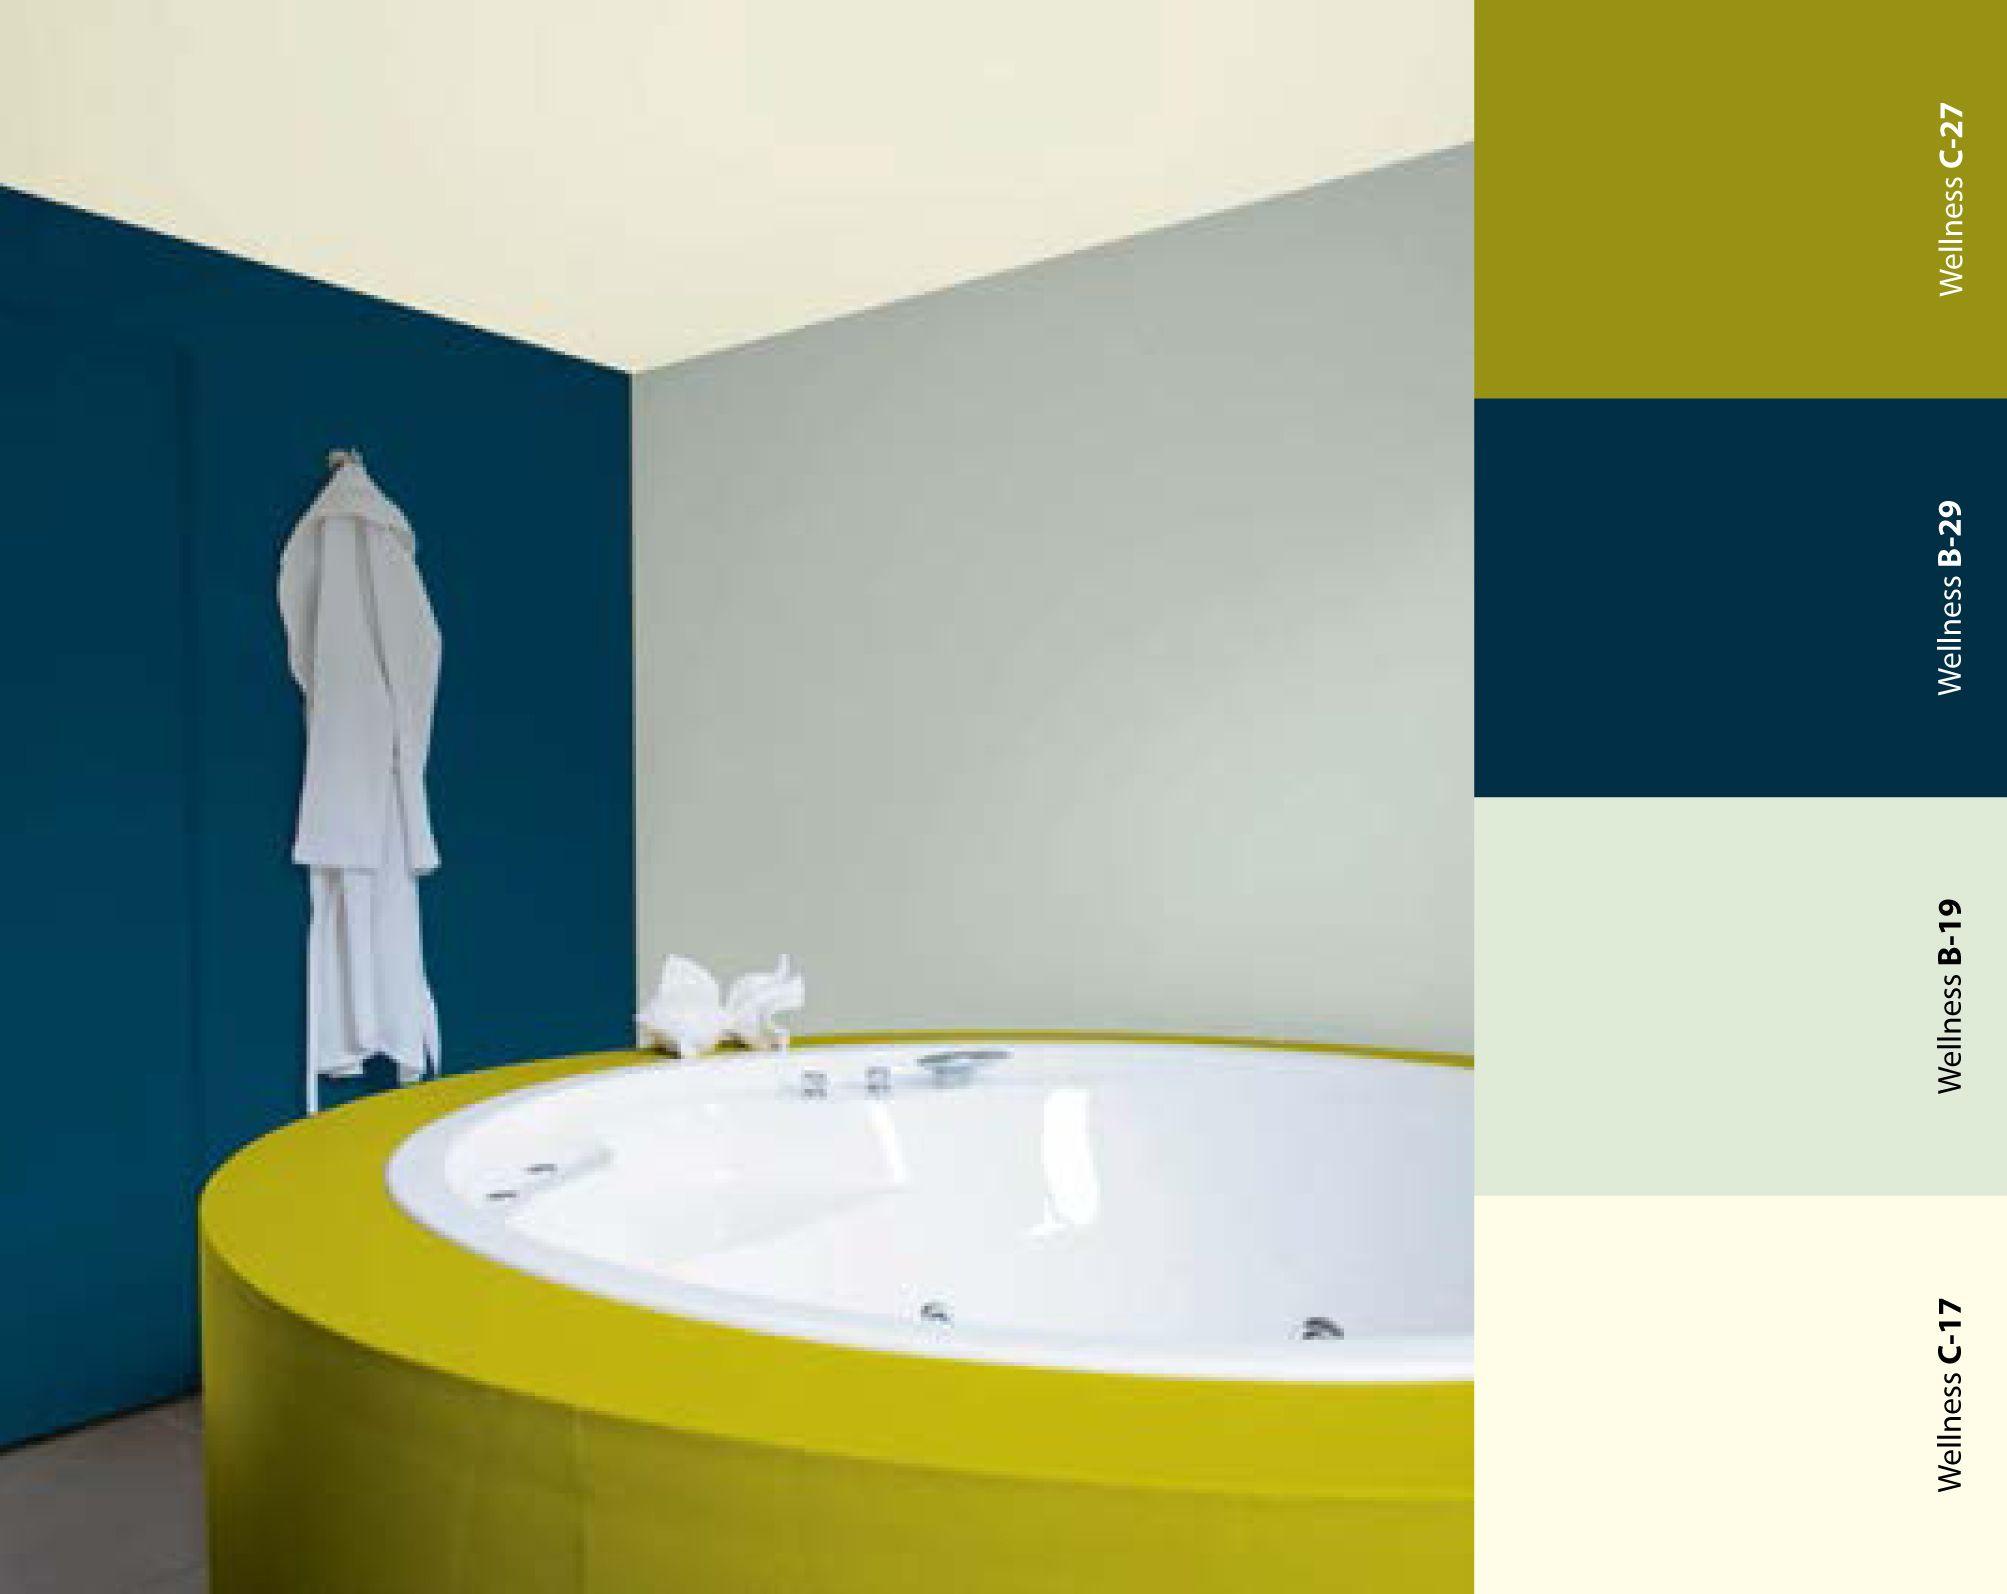 Underlayment In Badkamer : In een badkamer met een strak lijnenspel van ingetogen kleuren kan